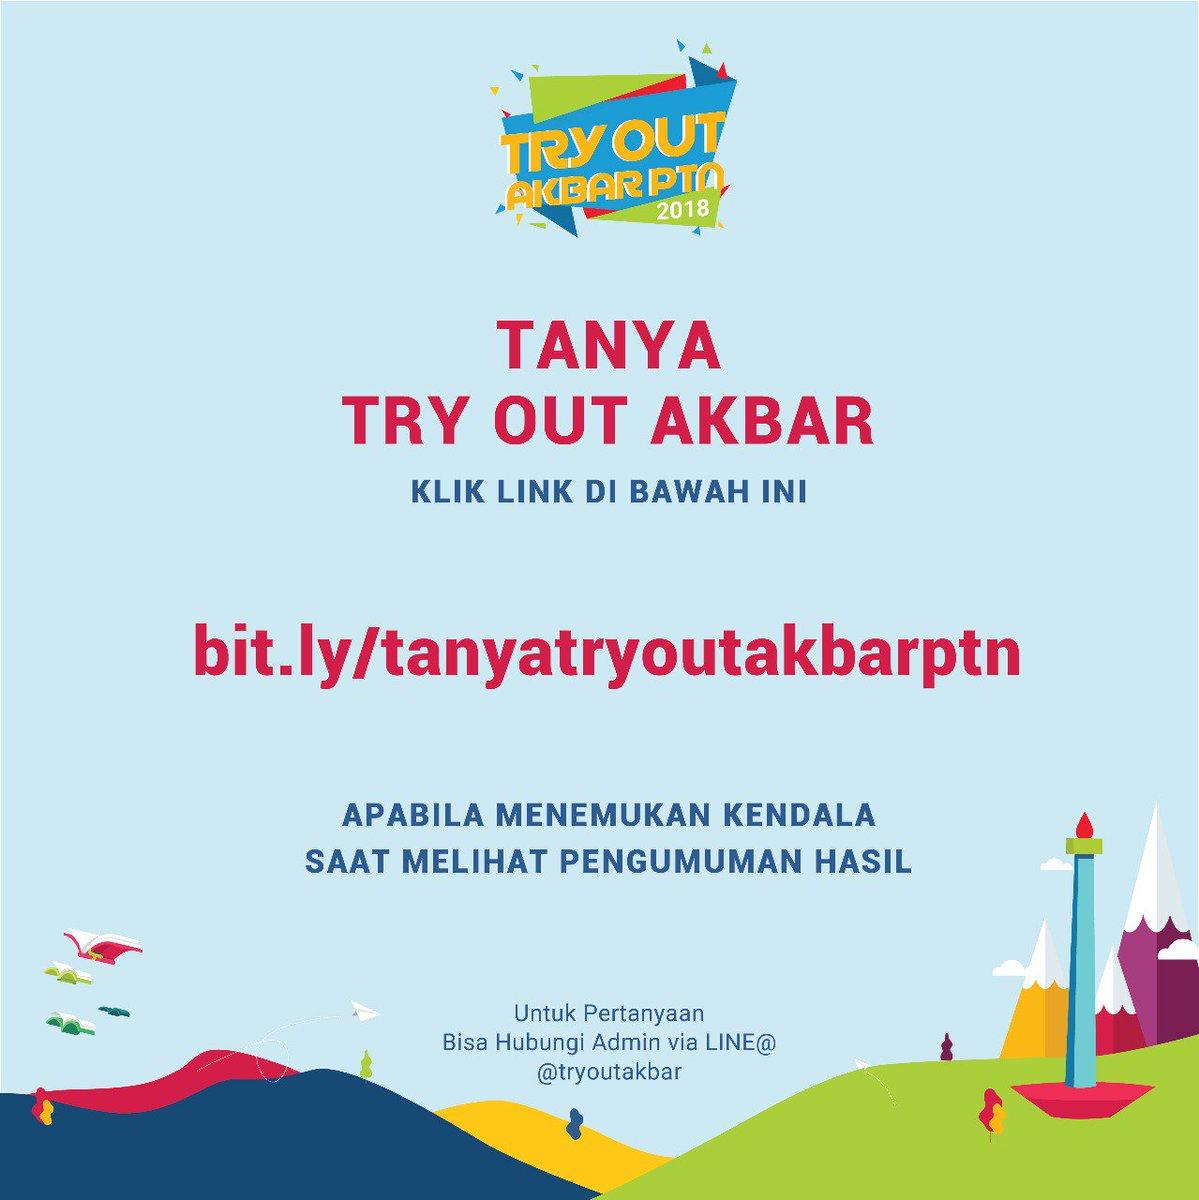 2Tnoz try out akbar ptn 2018 (@tryoutakbarptn)   twitter